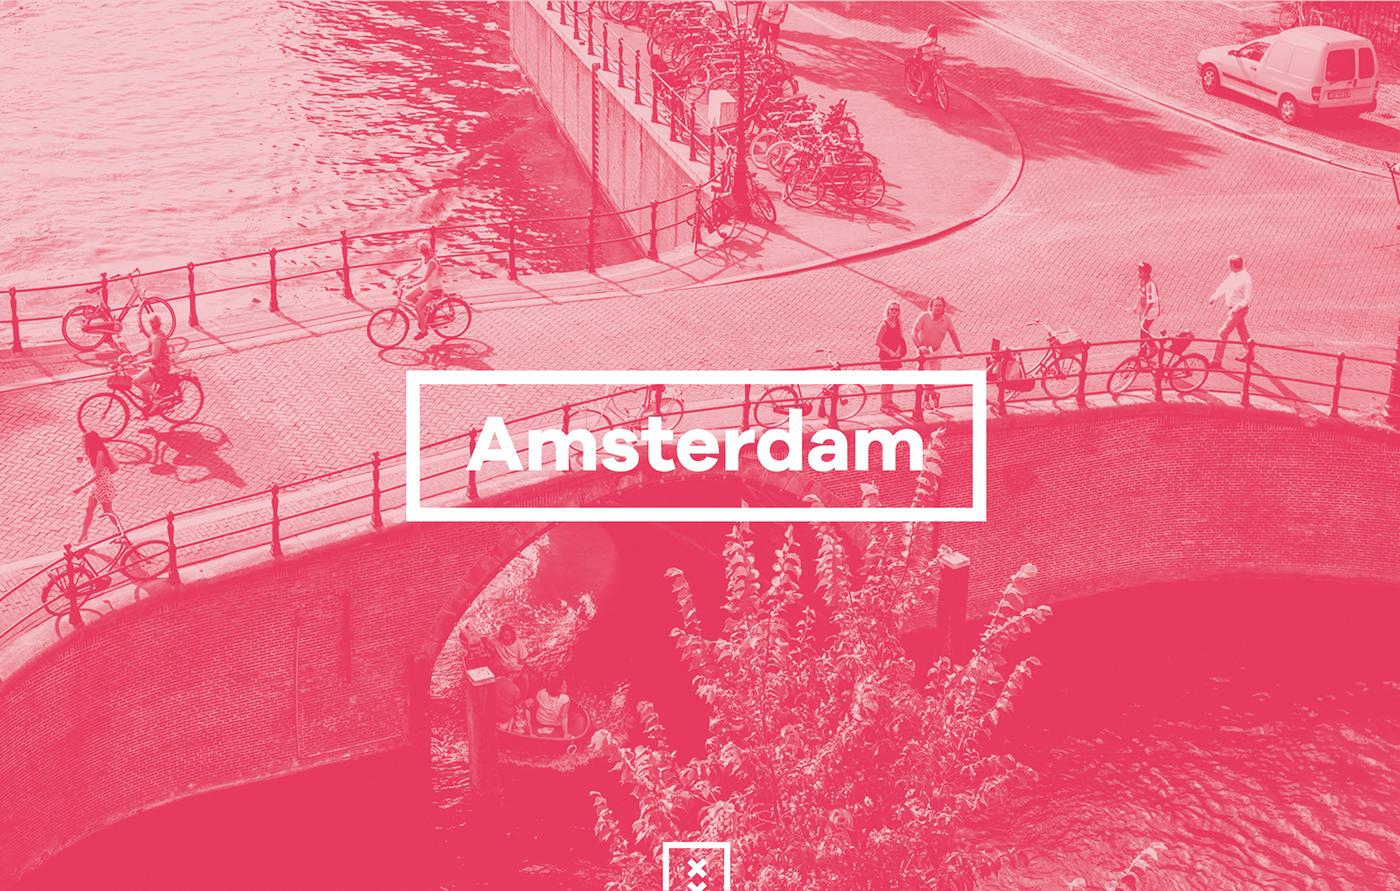 Amsterdam icon designs